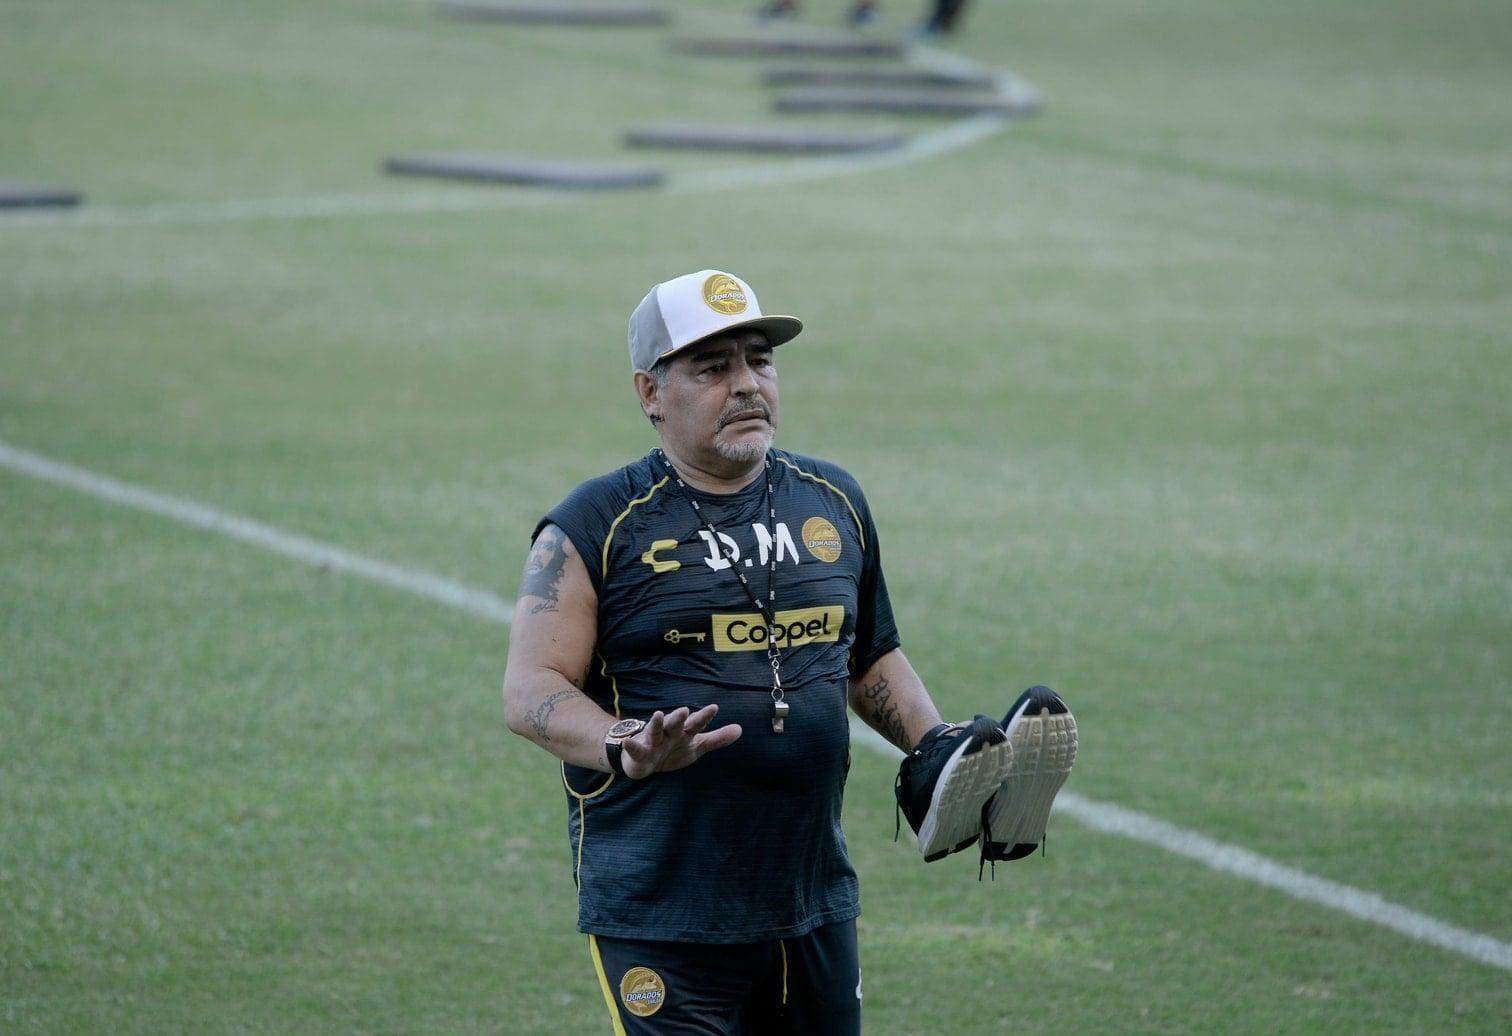 sagte Argentiniens Fußball-Legende am Montag bei seiner Vorstellung als Trainer des Clubs Dorados de Sinaloa in Culiac&aacute;n. Er sei kein Verfechter des defensiven Fußballs.</p> Foto: dpa